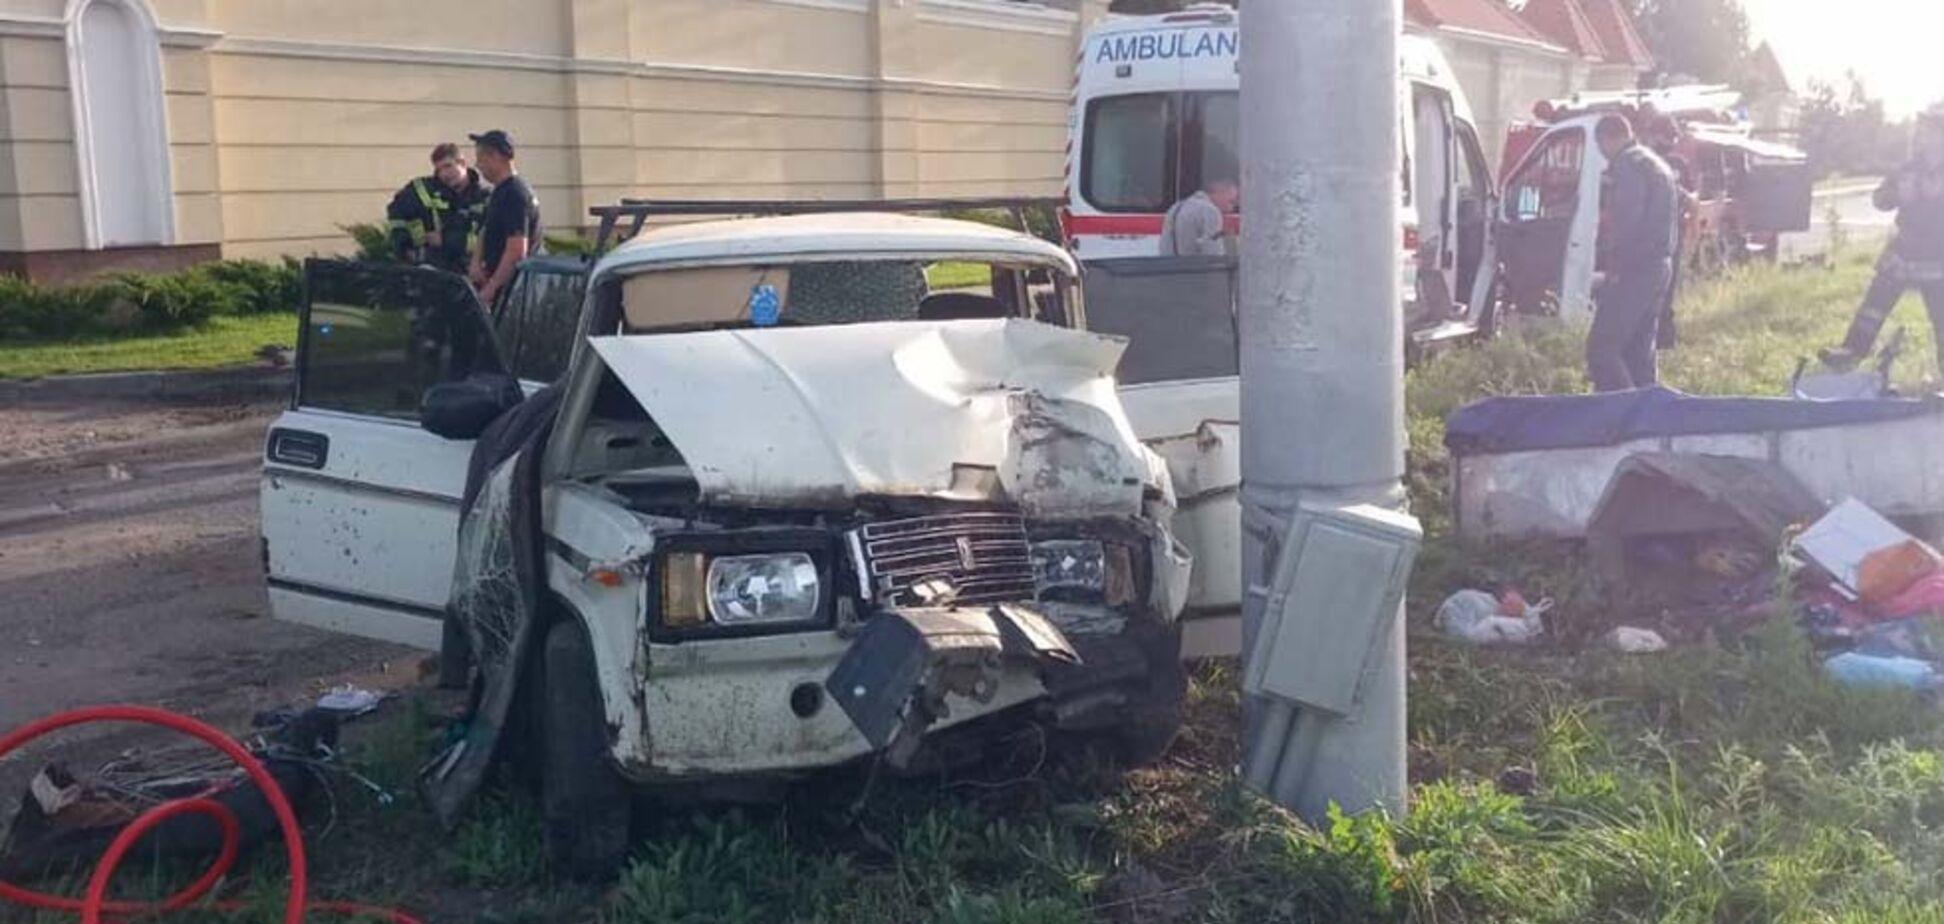 Під Дніпром авто на швидкості влетіло в стовп: постраждала сім'я з маленькими дітьми. Фото